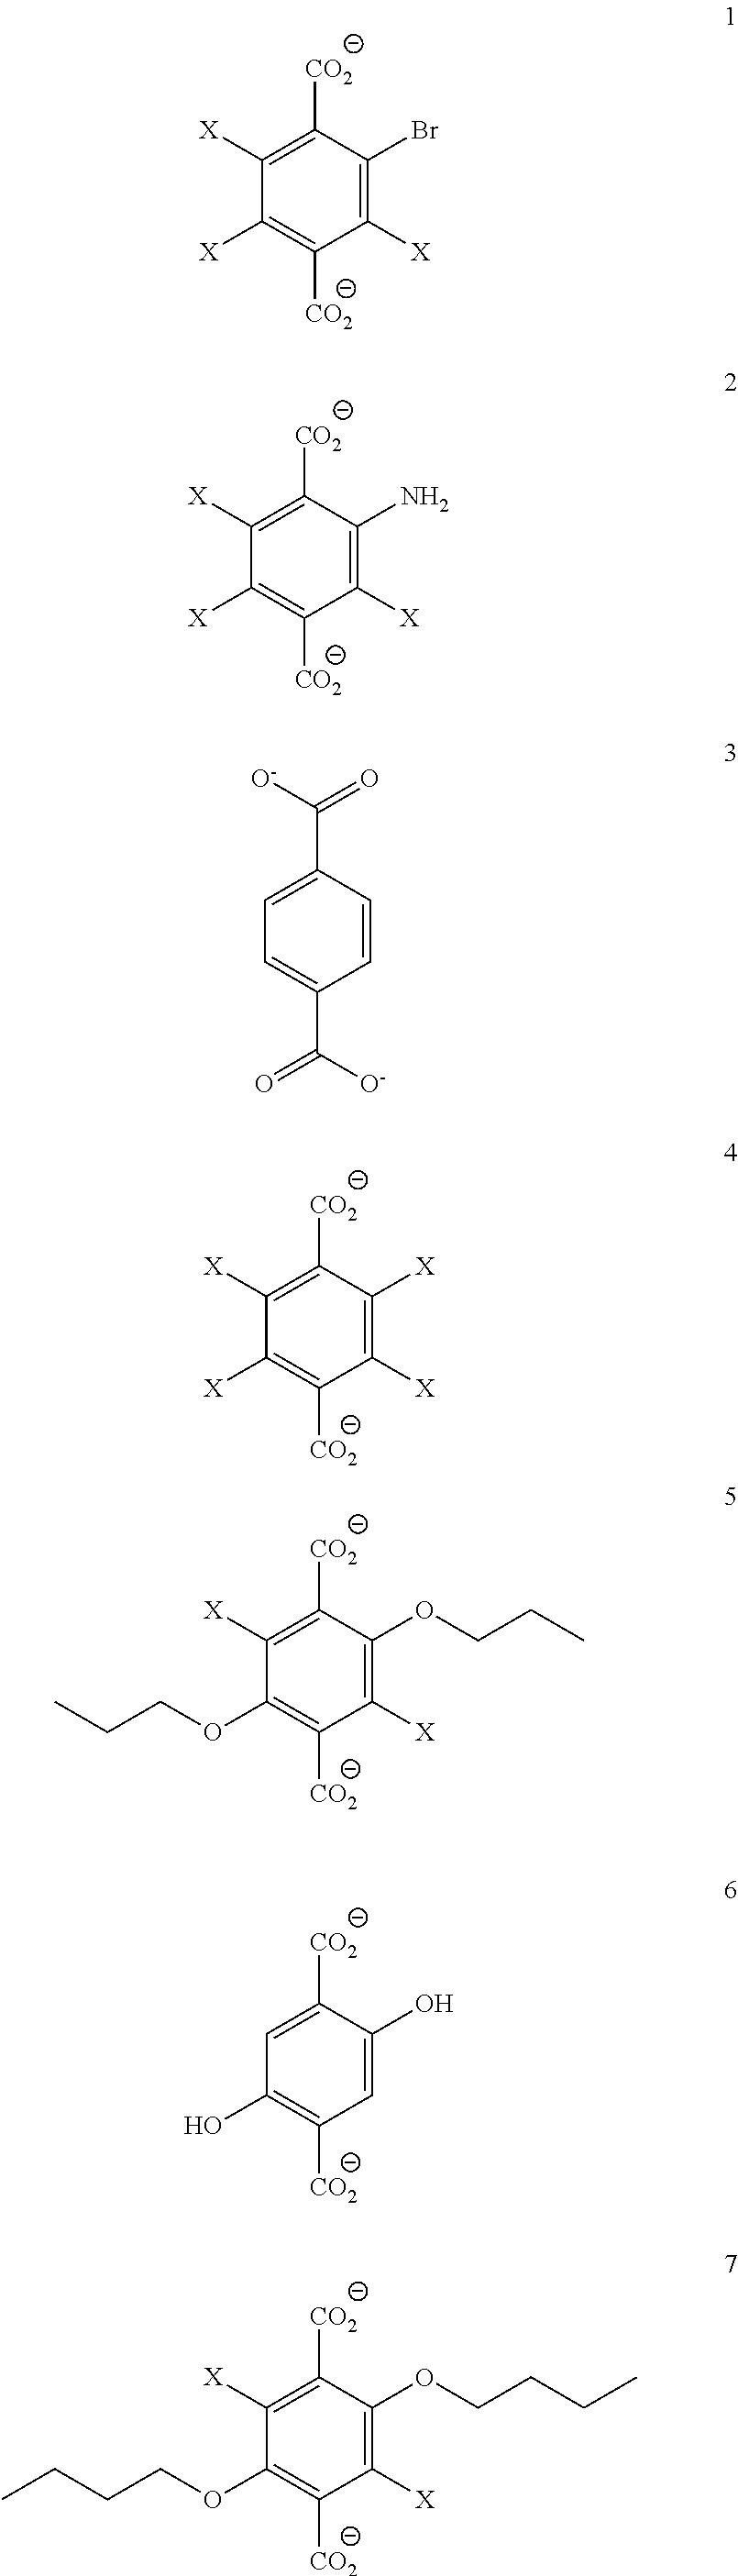 Figure US09630163-20170425-C00001